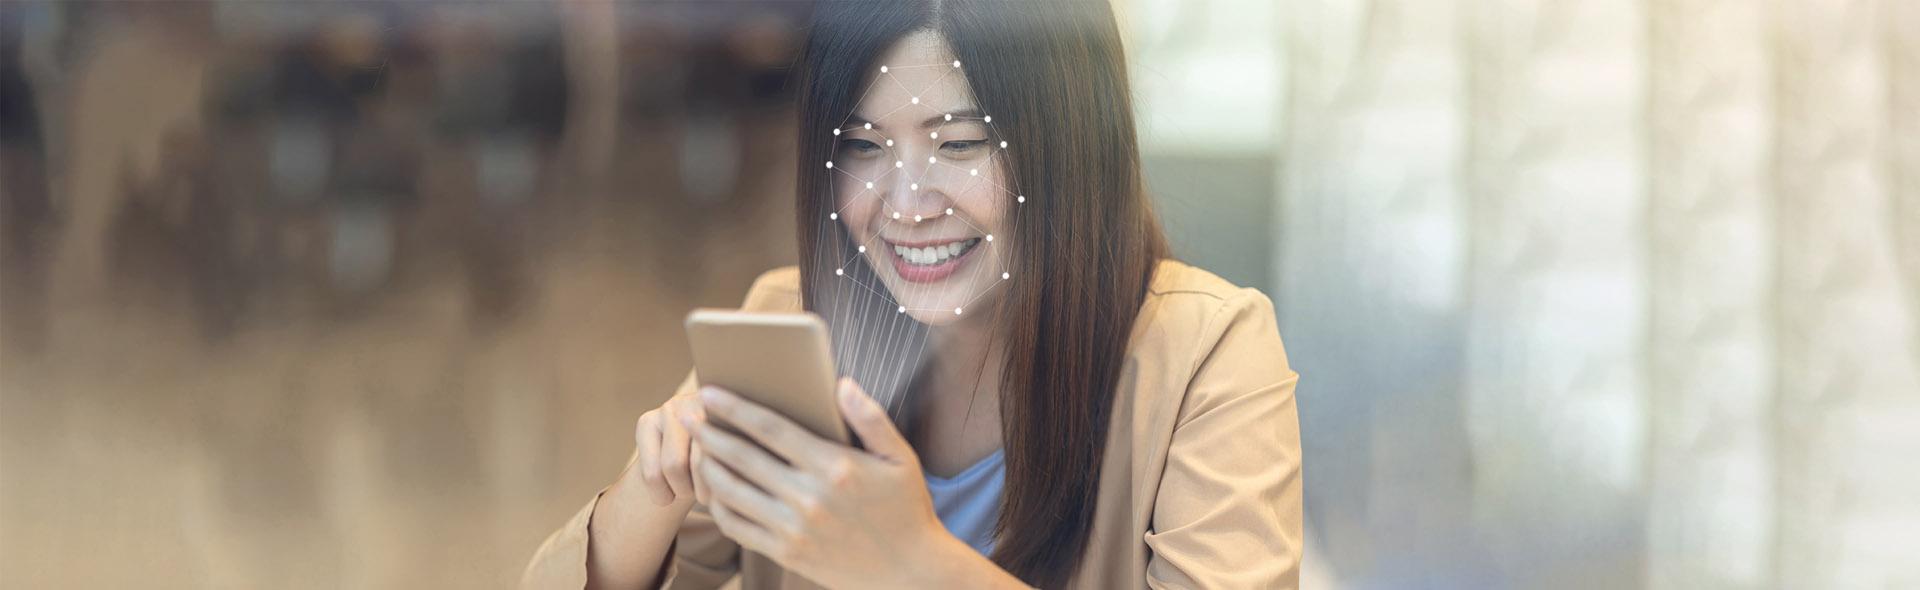 Frau mit Handy, welches ihr Gesicht scannt